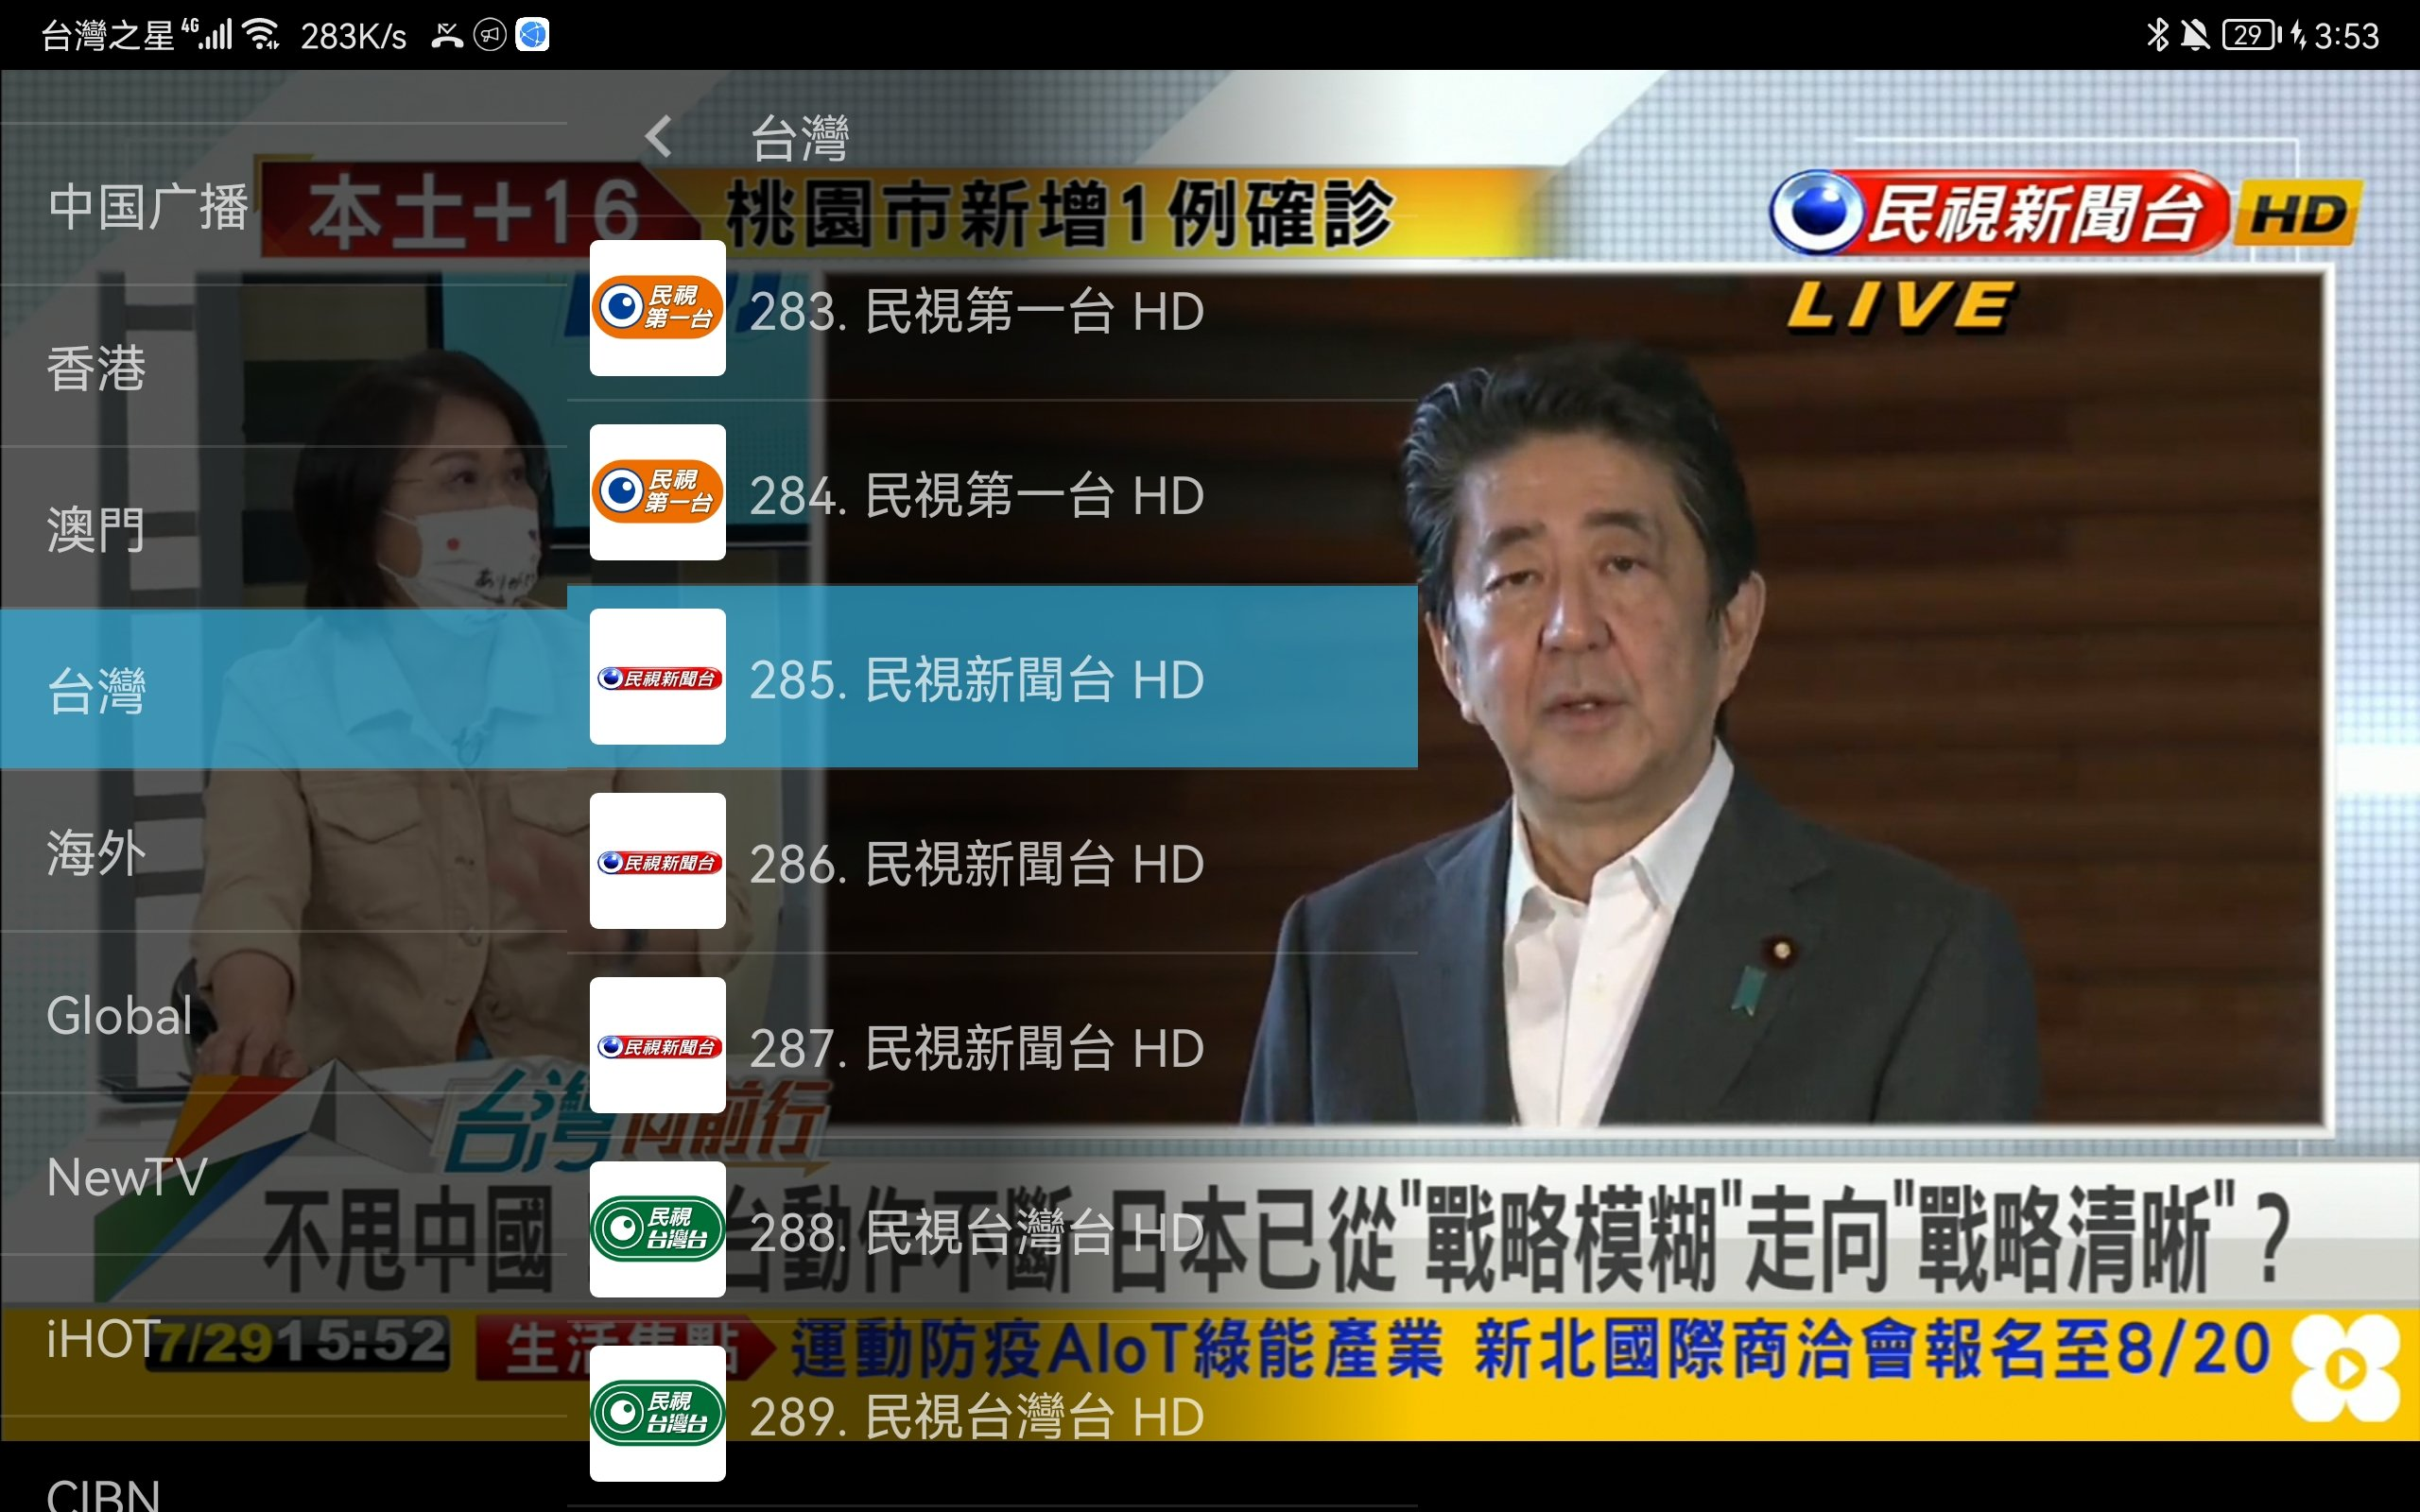 台灣電視 IPTV 直播源下載